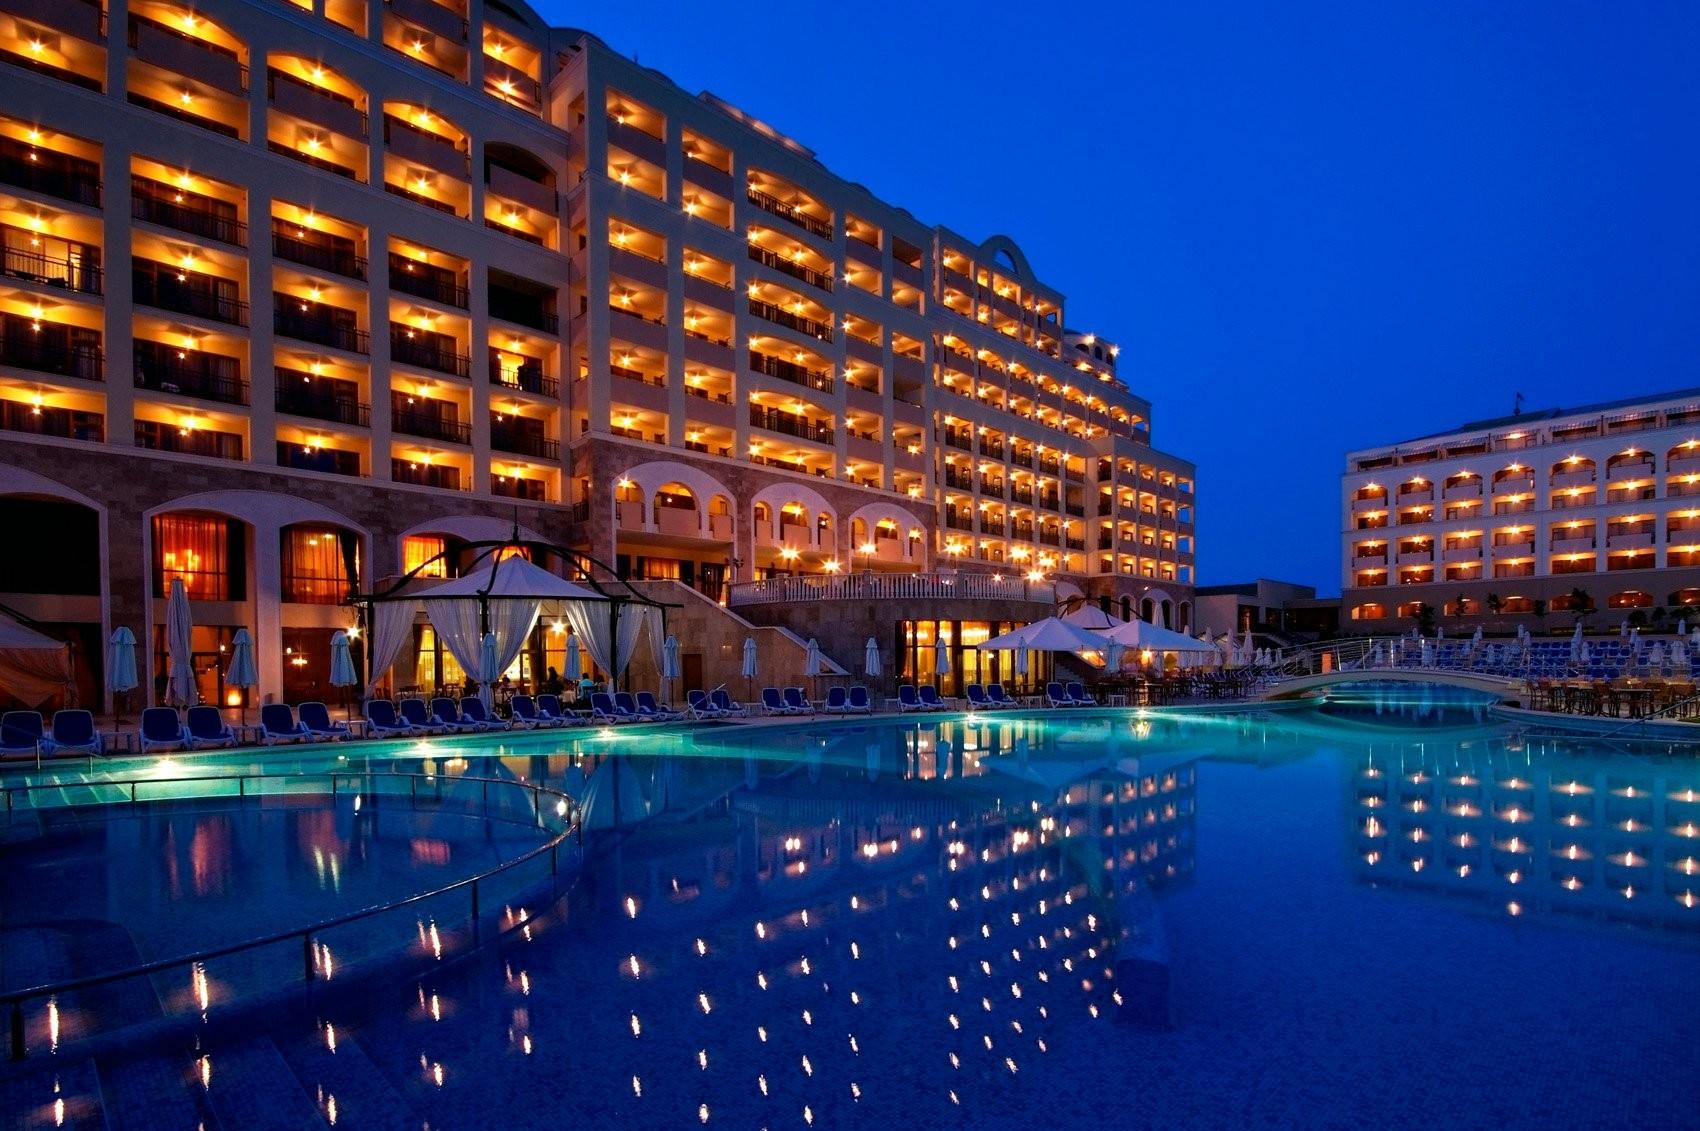 Хотел Сол Несебър Палас - нощен изглед